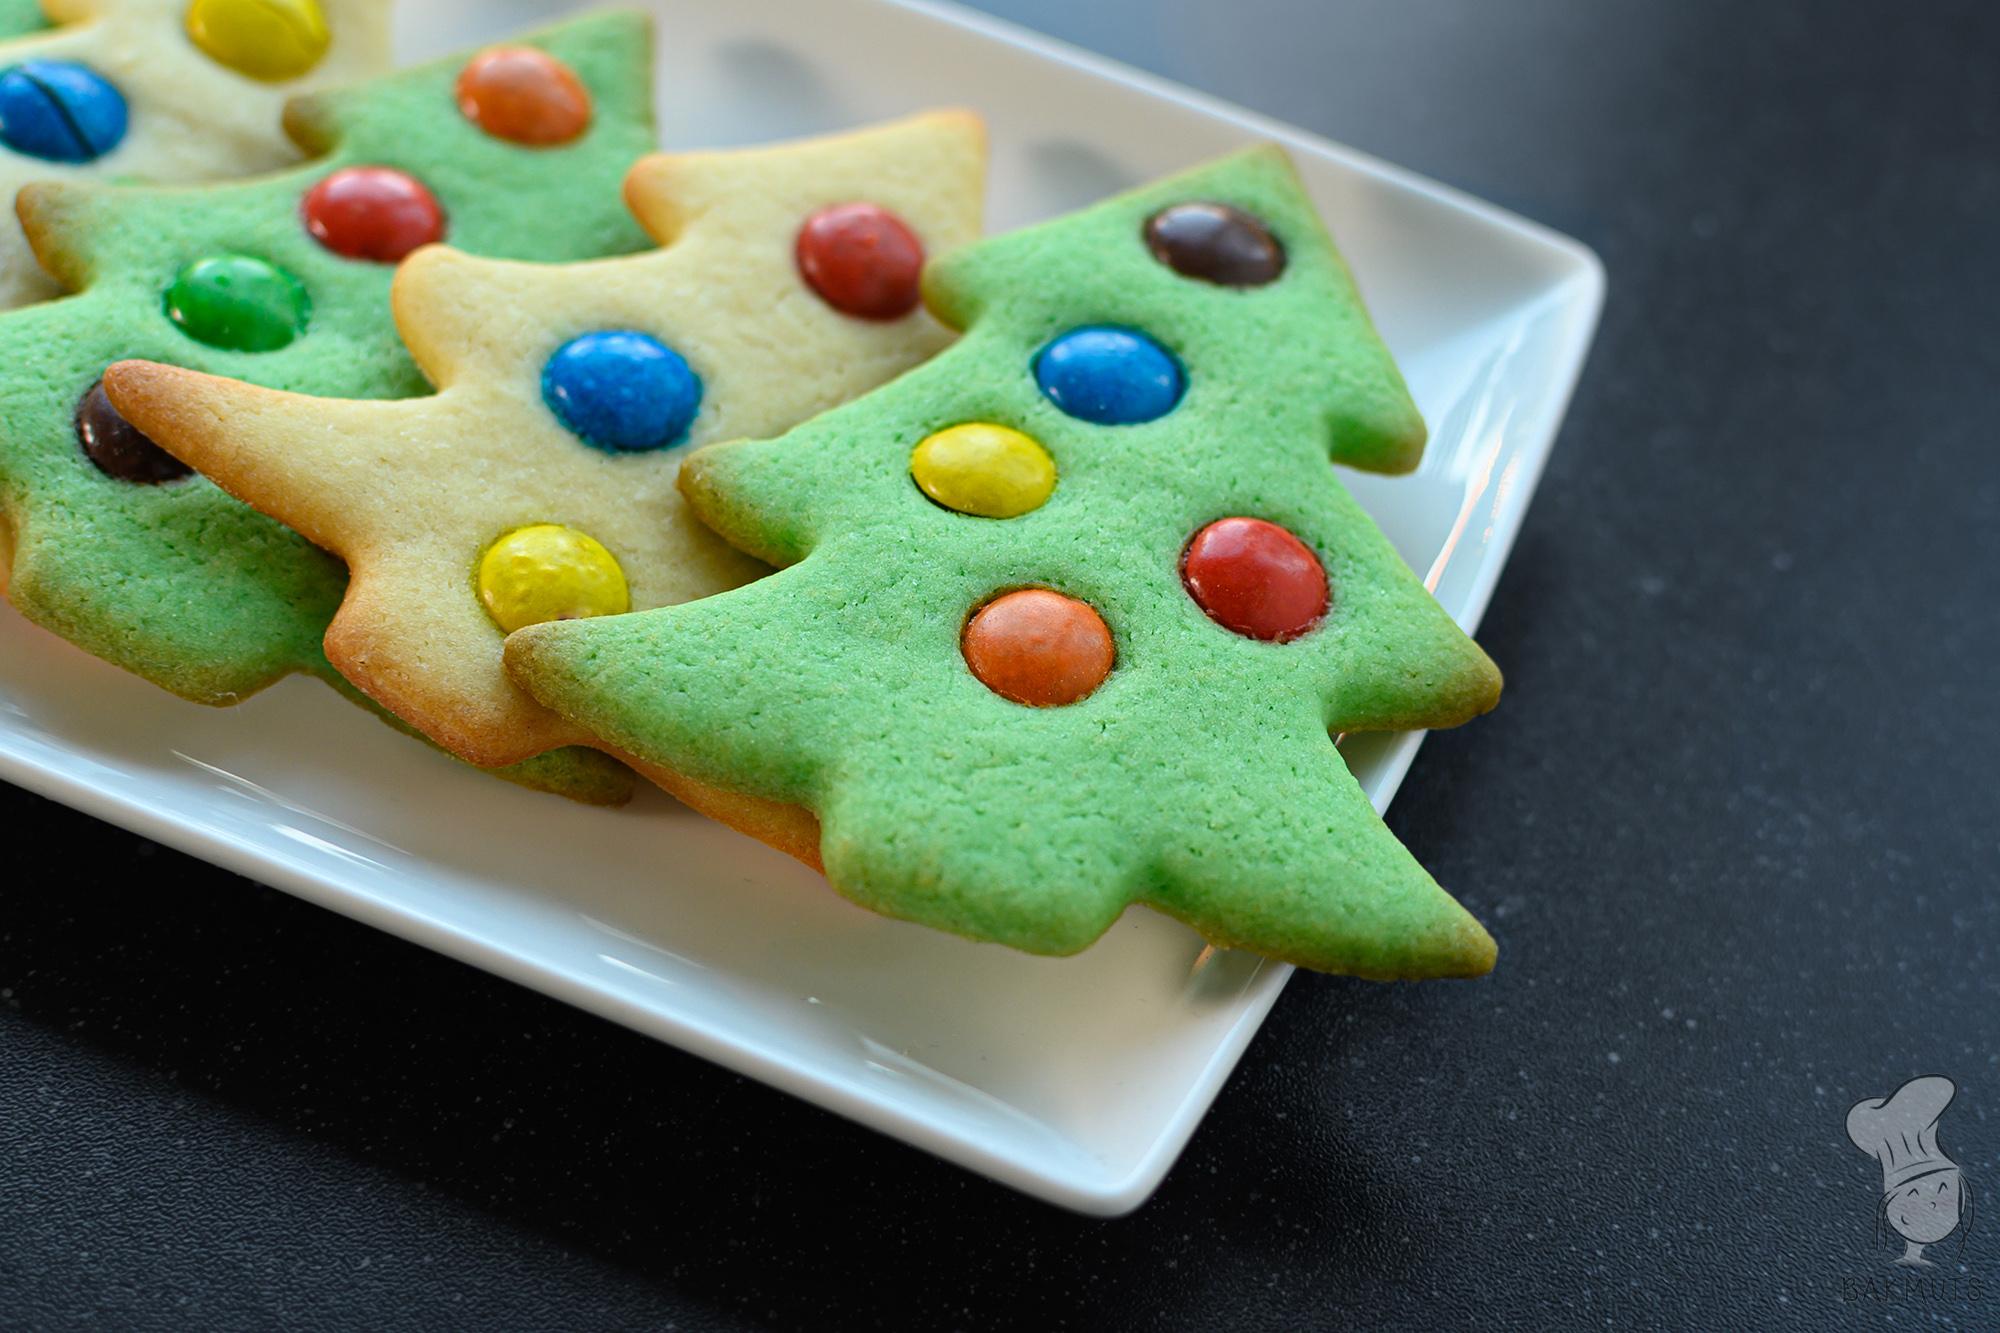 Kerstboomkoekjes met m&m's recept bakmuts